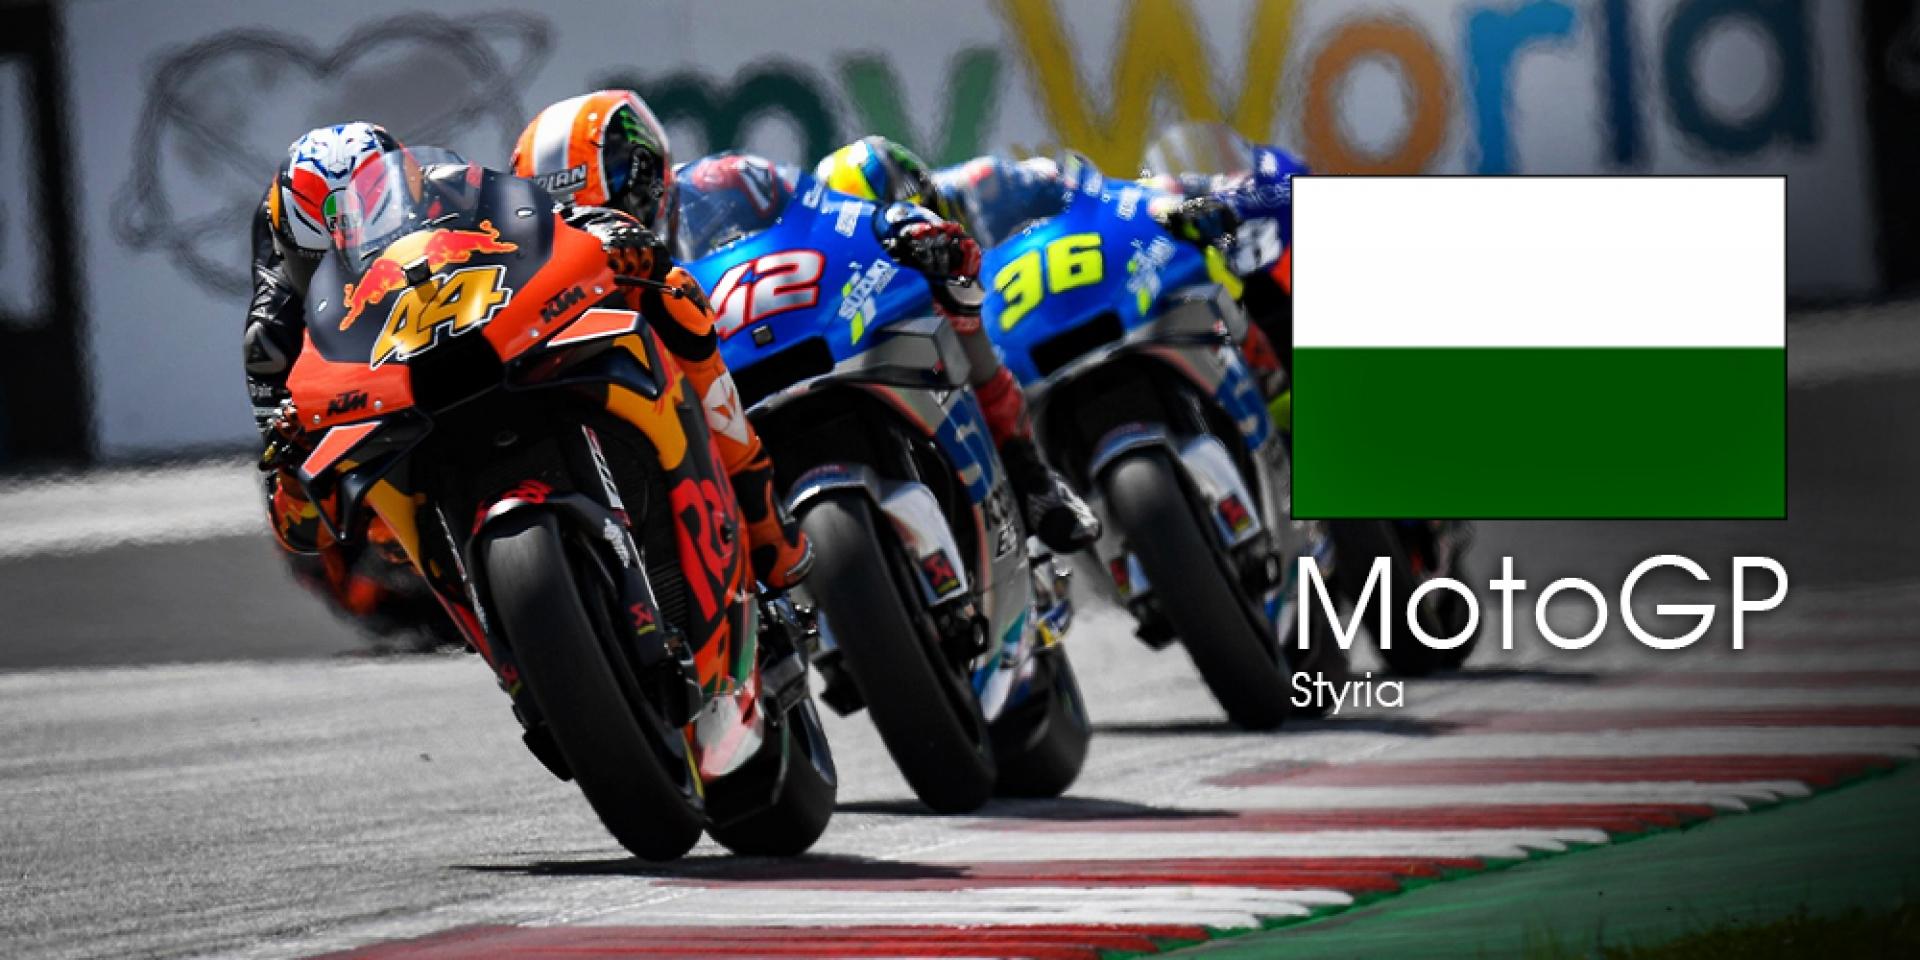 MotoGP 2020 施蒂里亞站 轉播時間